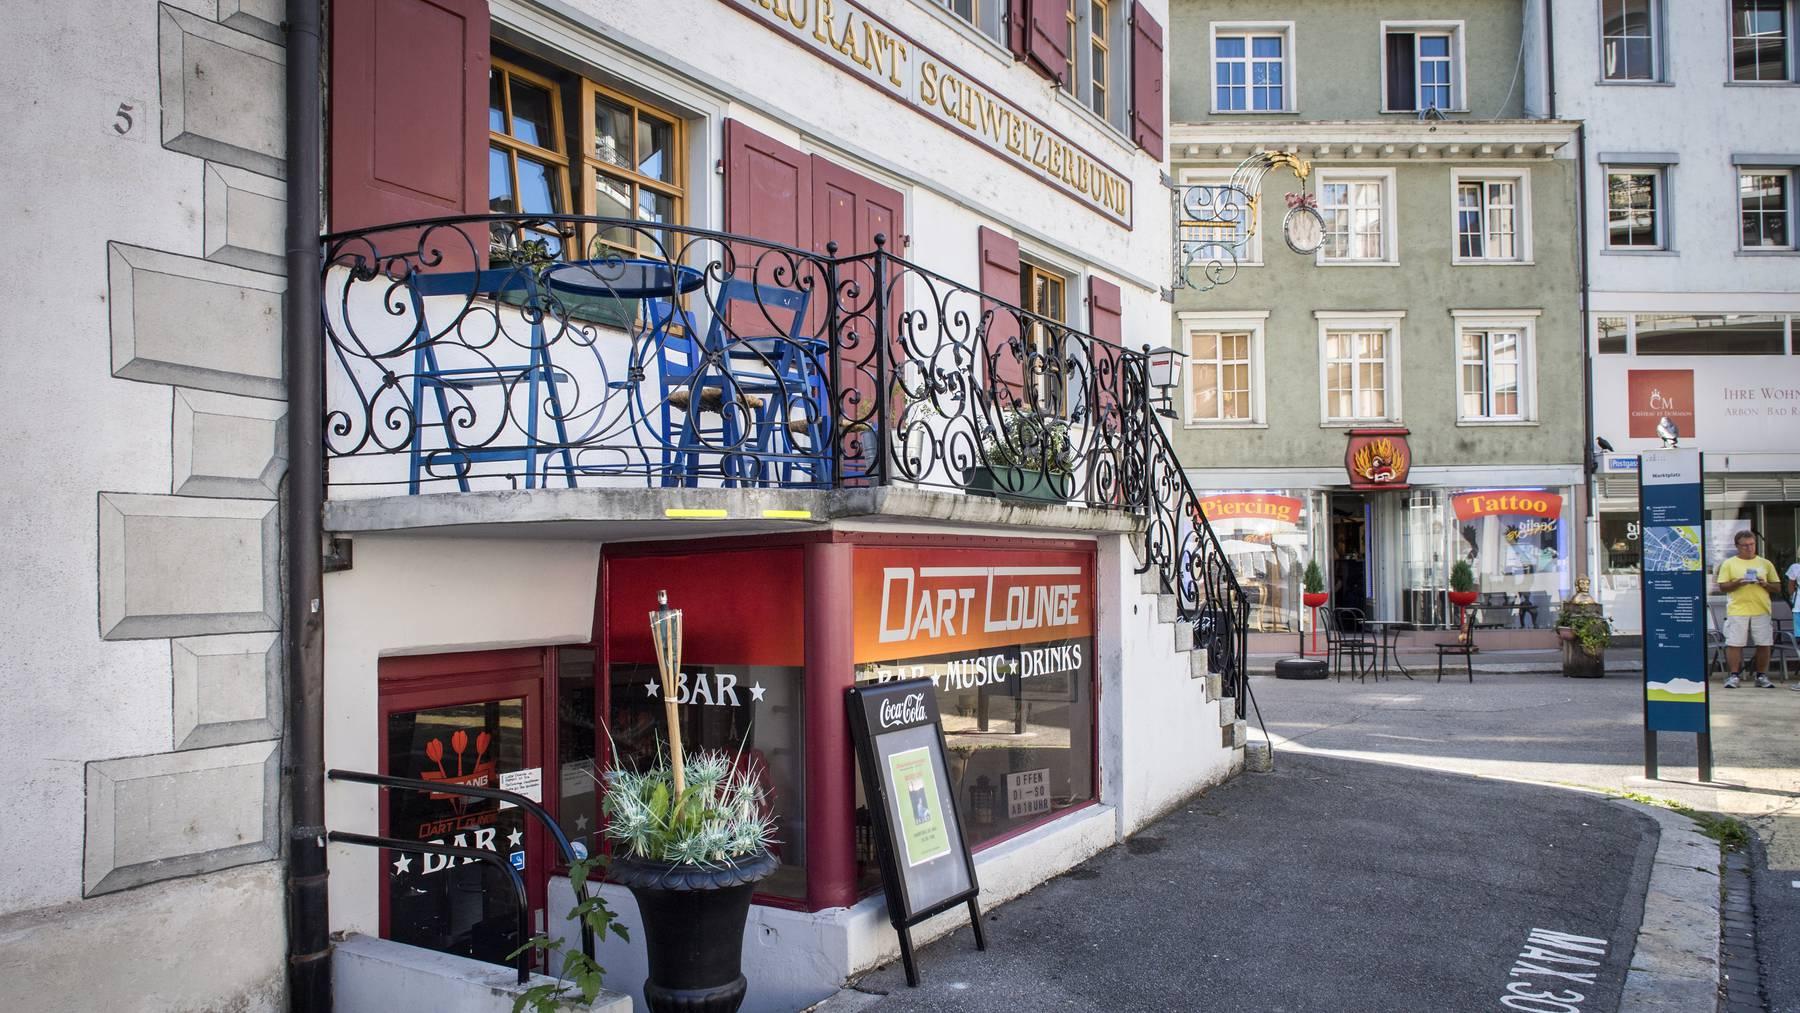 Der Pächter der Dart-Lounge in Arbon wird beschuldigt, zwei Banken ausgeraubt zu haben.